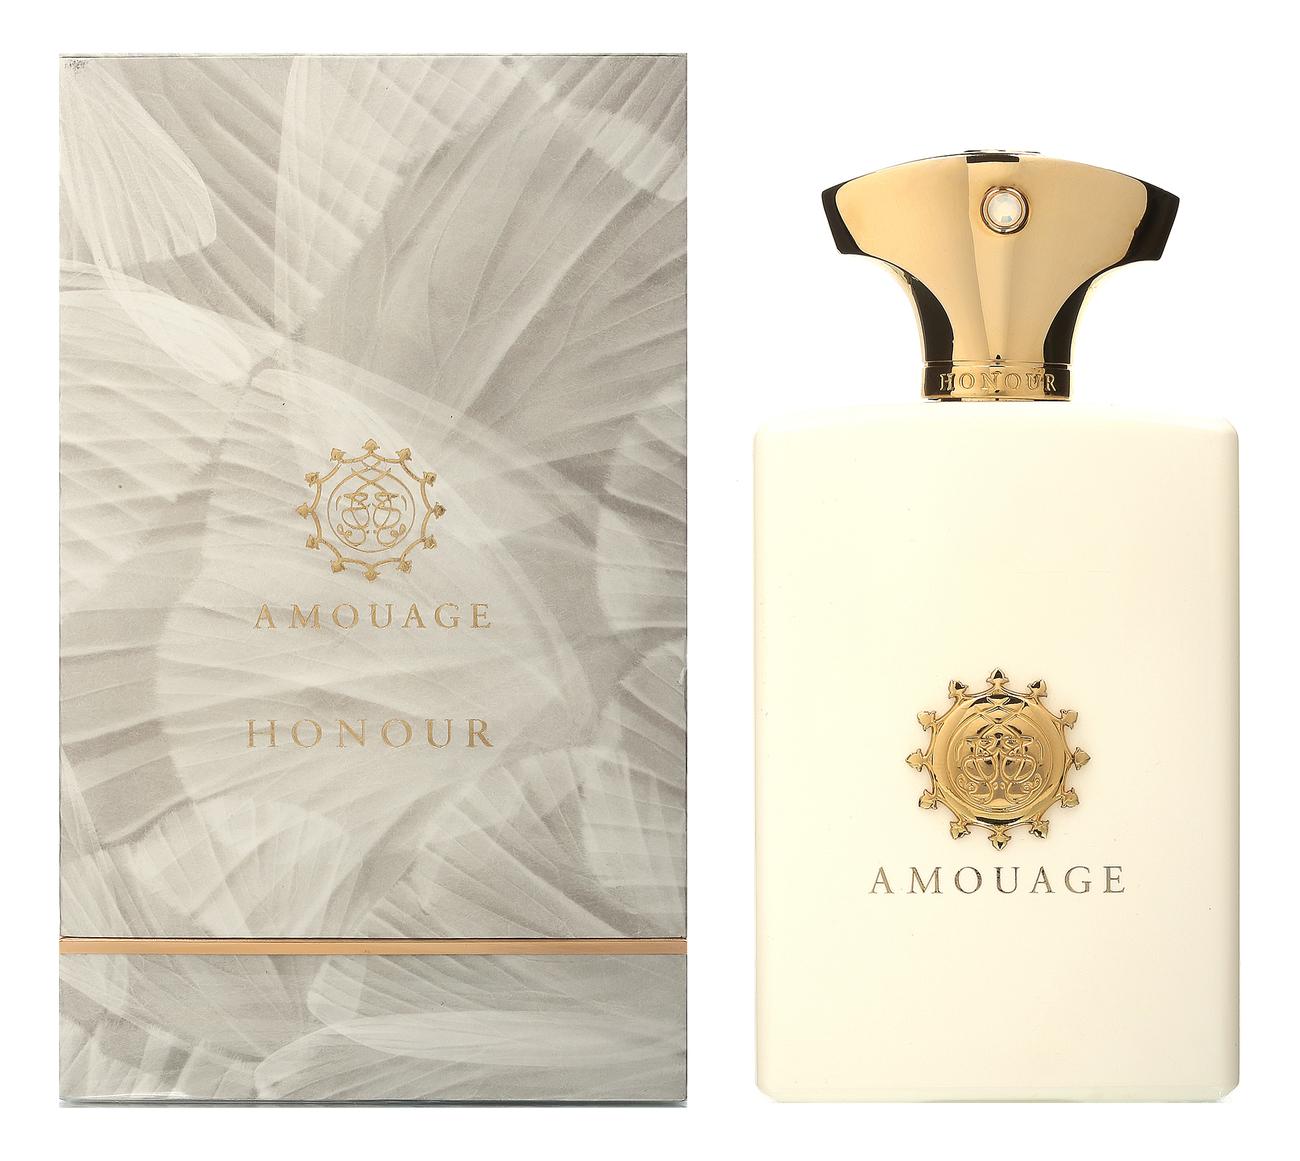 Купить Honour for men: парфюмерная вода 100мл, Amouage